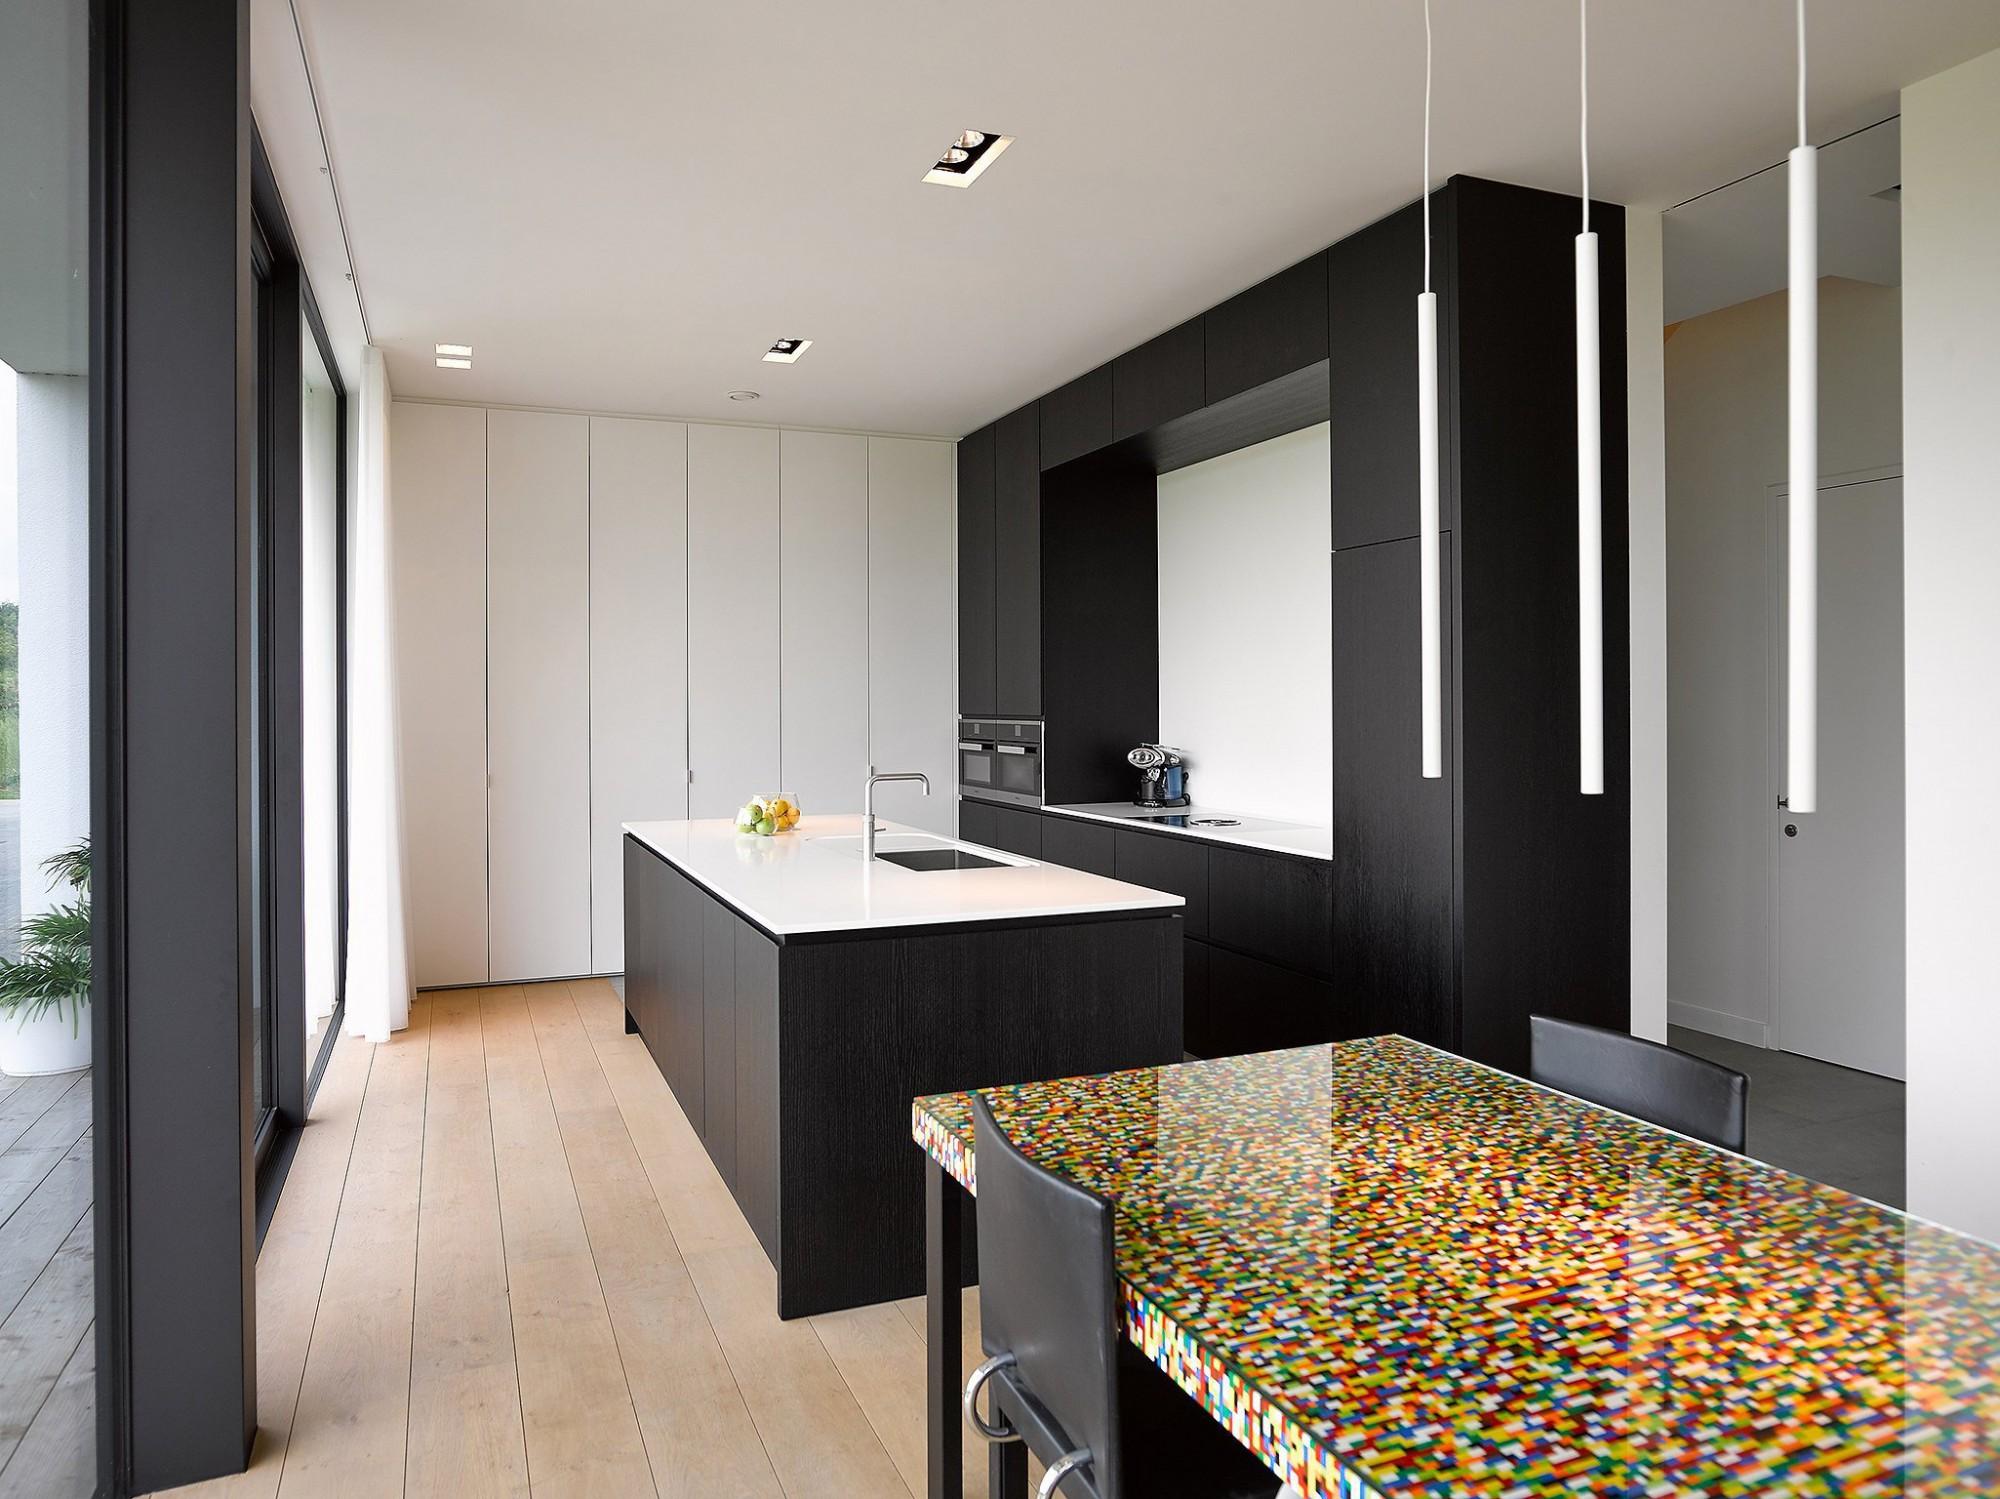 Afbeelding: Fotografie interieur keuken te Ranst voor bouwbedrijf Menbo.